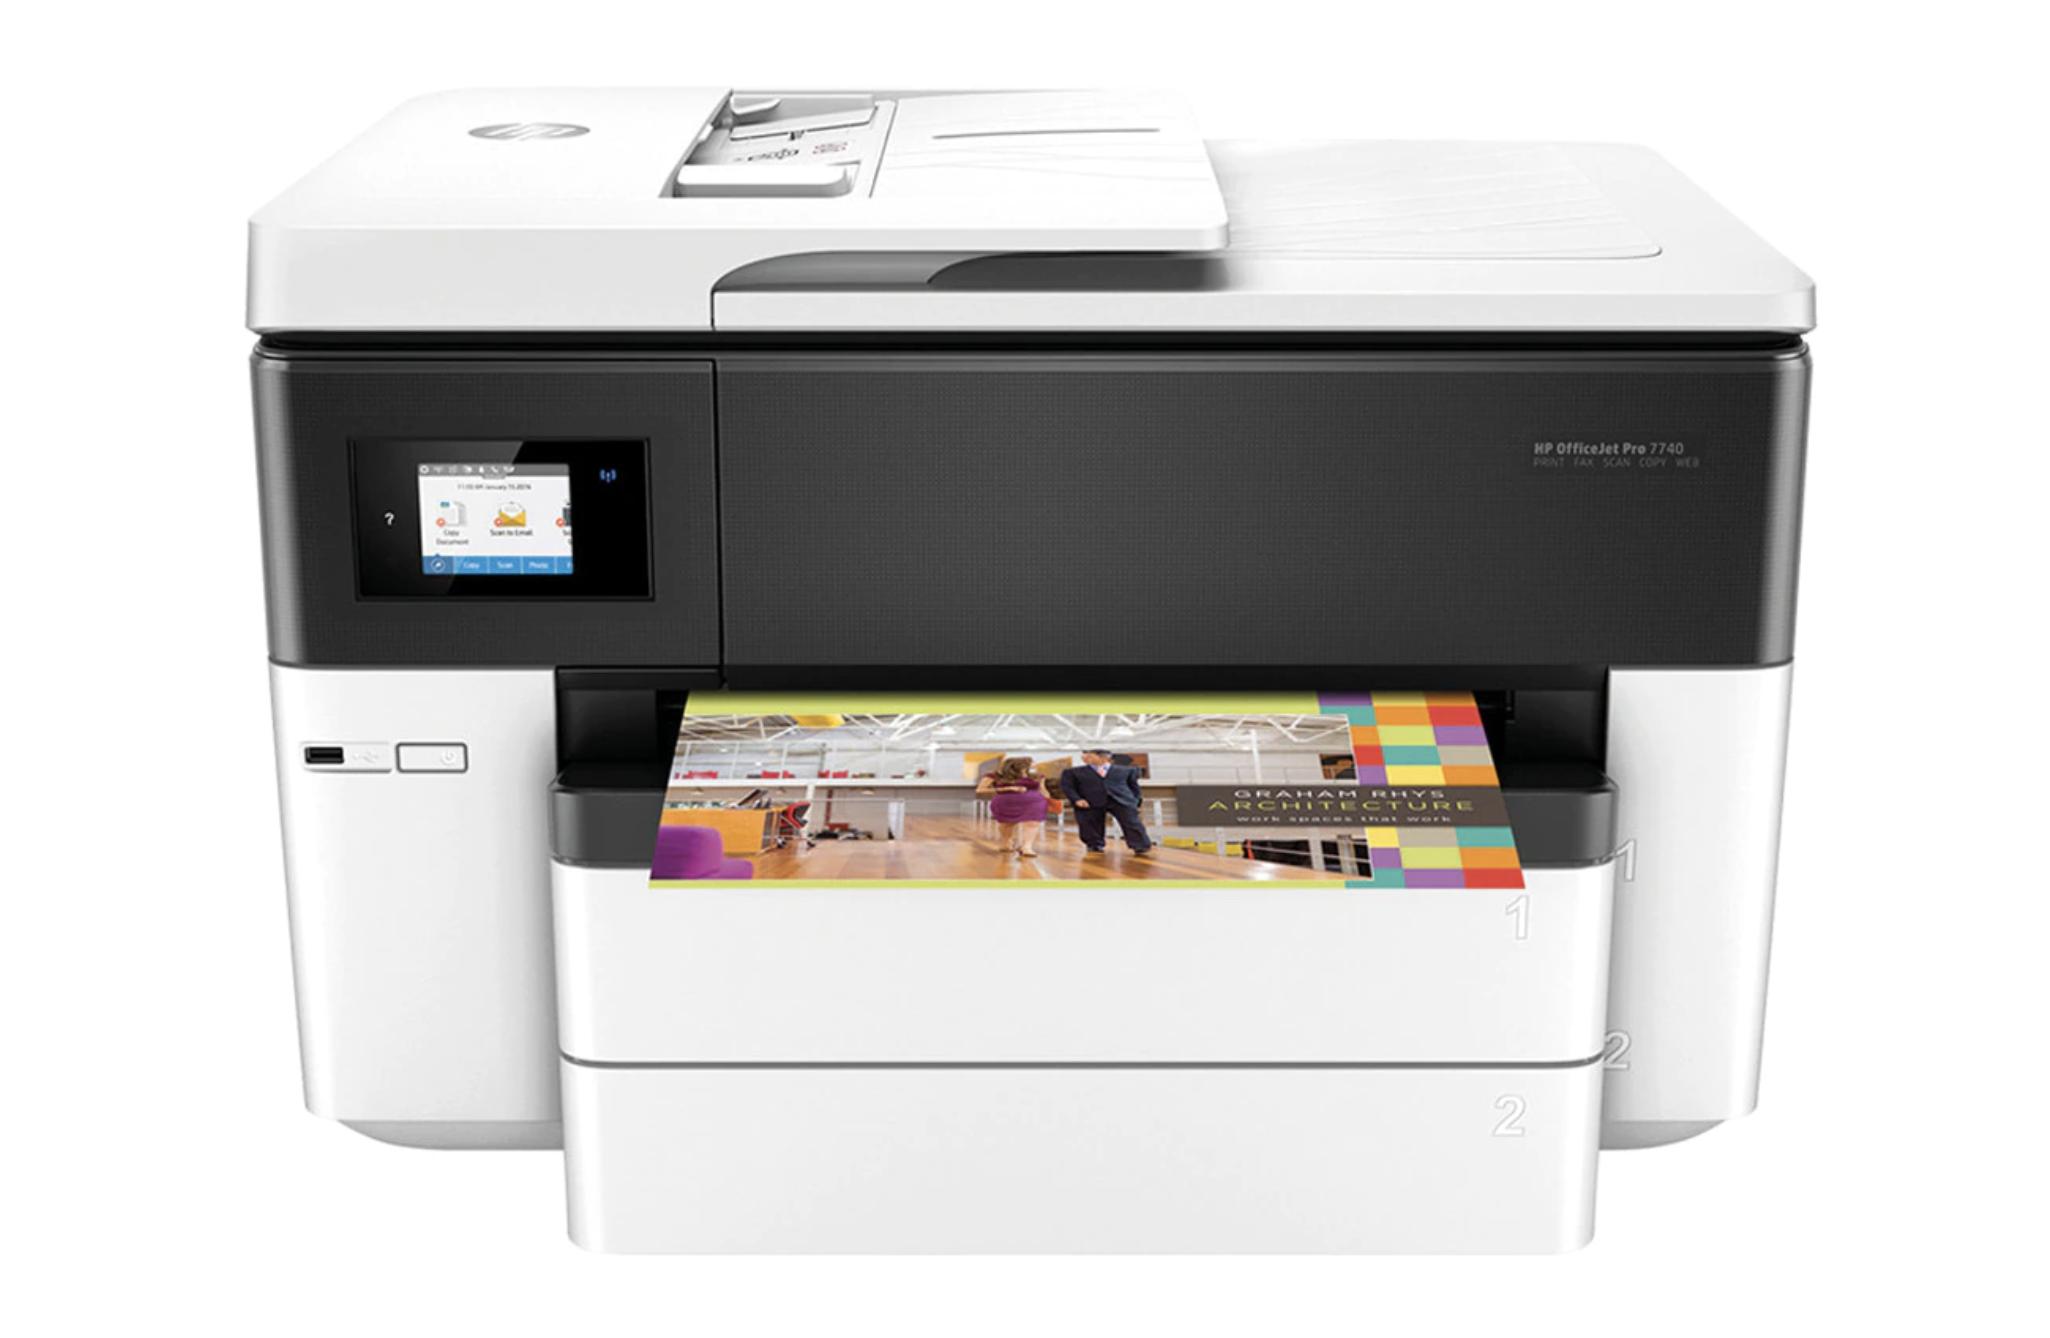 Impresora Multifunción tinta HP OfficeJet Pro 7740, Wi-Fi, copia, escanea, envía fax, impresión hasta tamaño A3